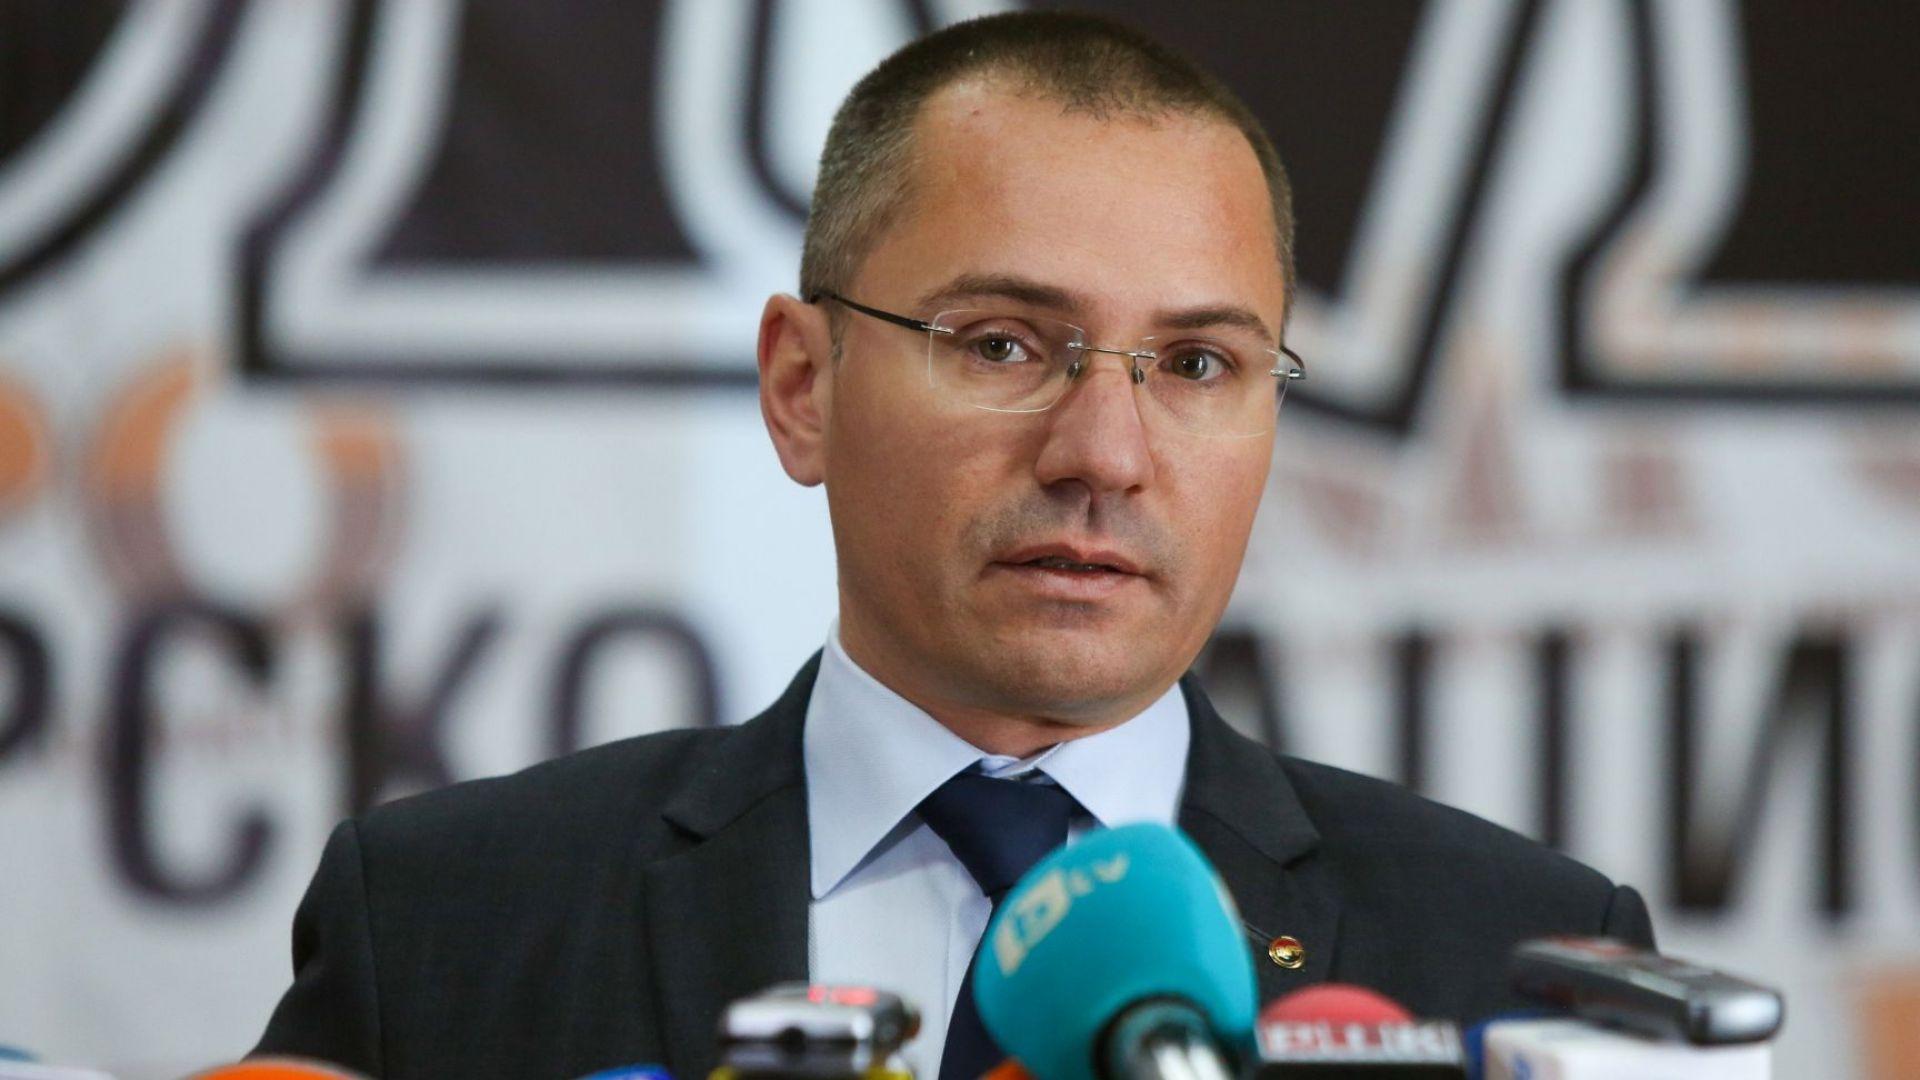 ВМРО иска касиране на вота от секциите в Турция